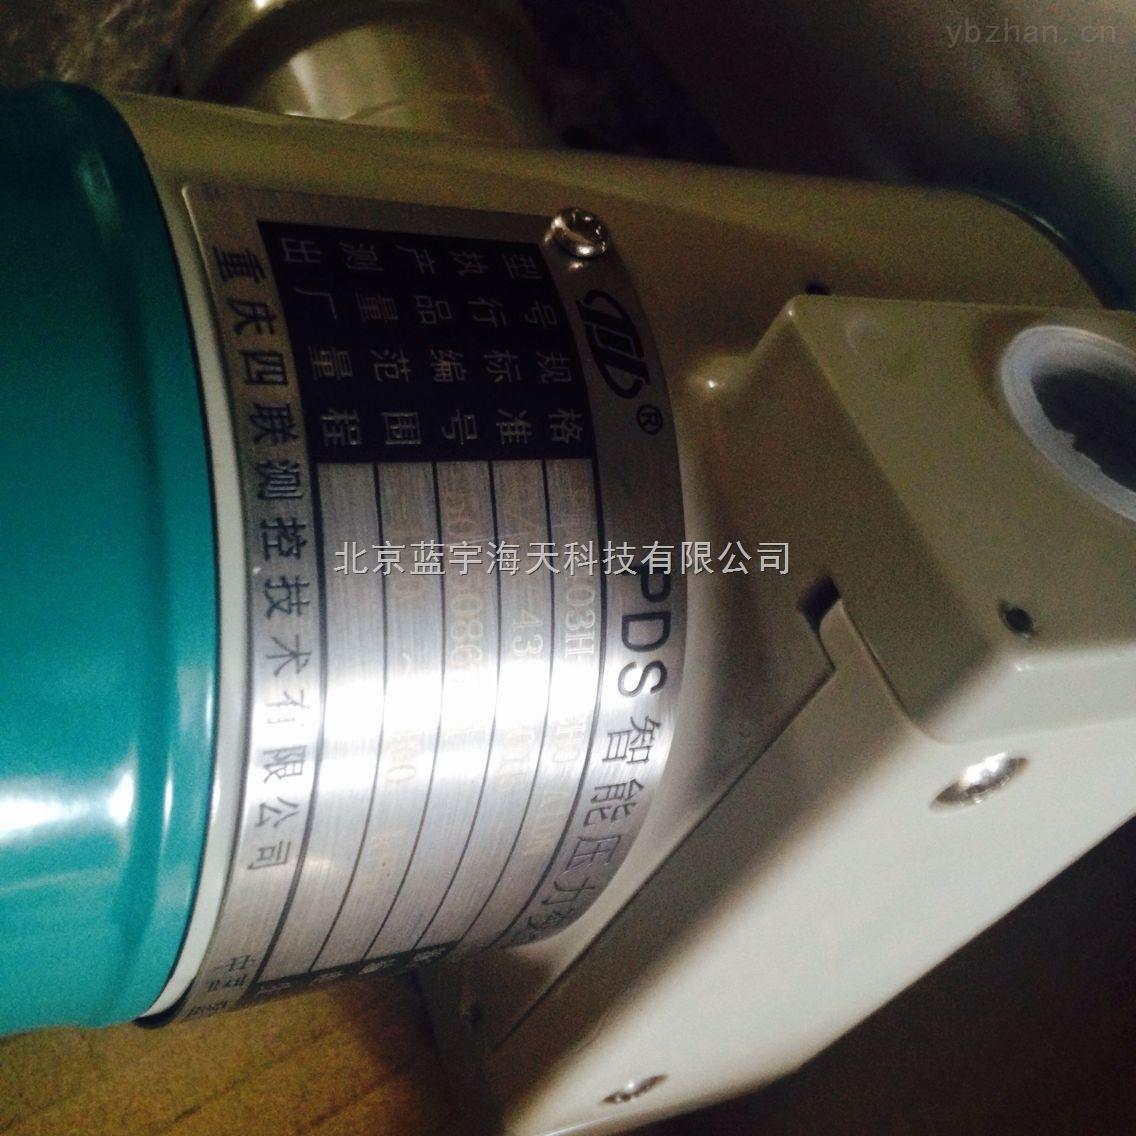 sb3073-ex温度变送器隔离式安全栅